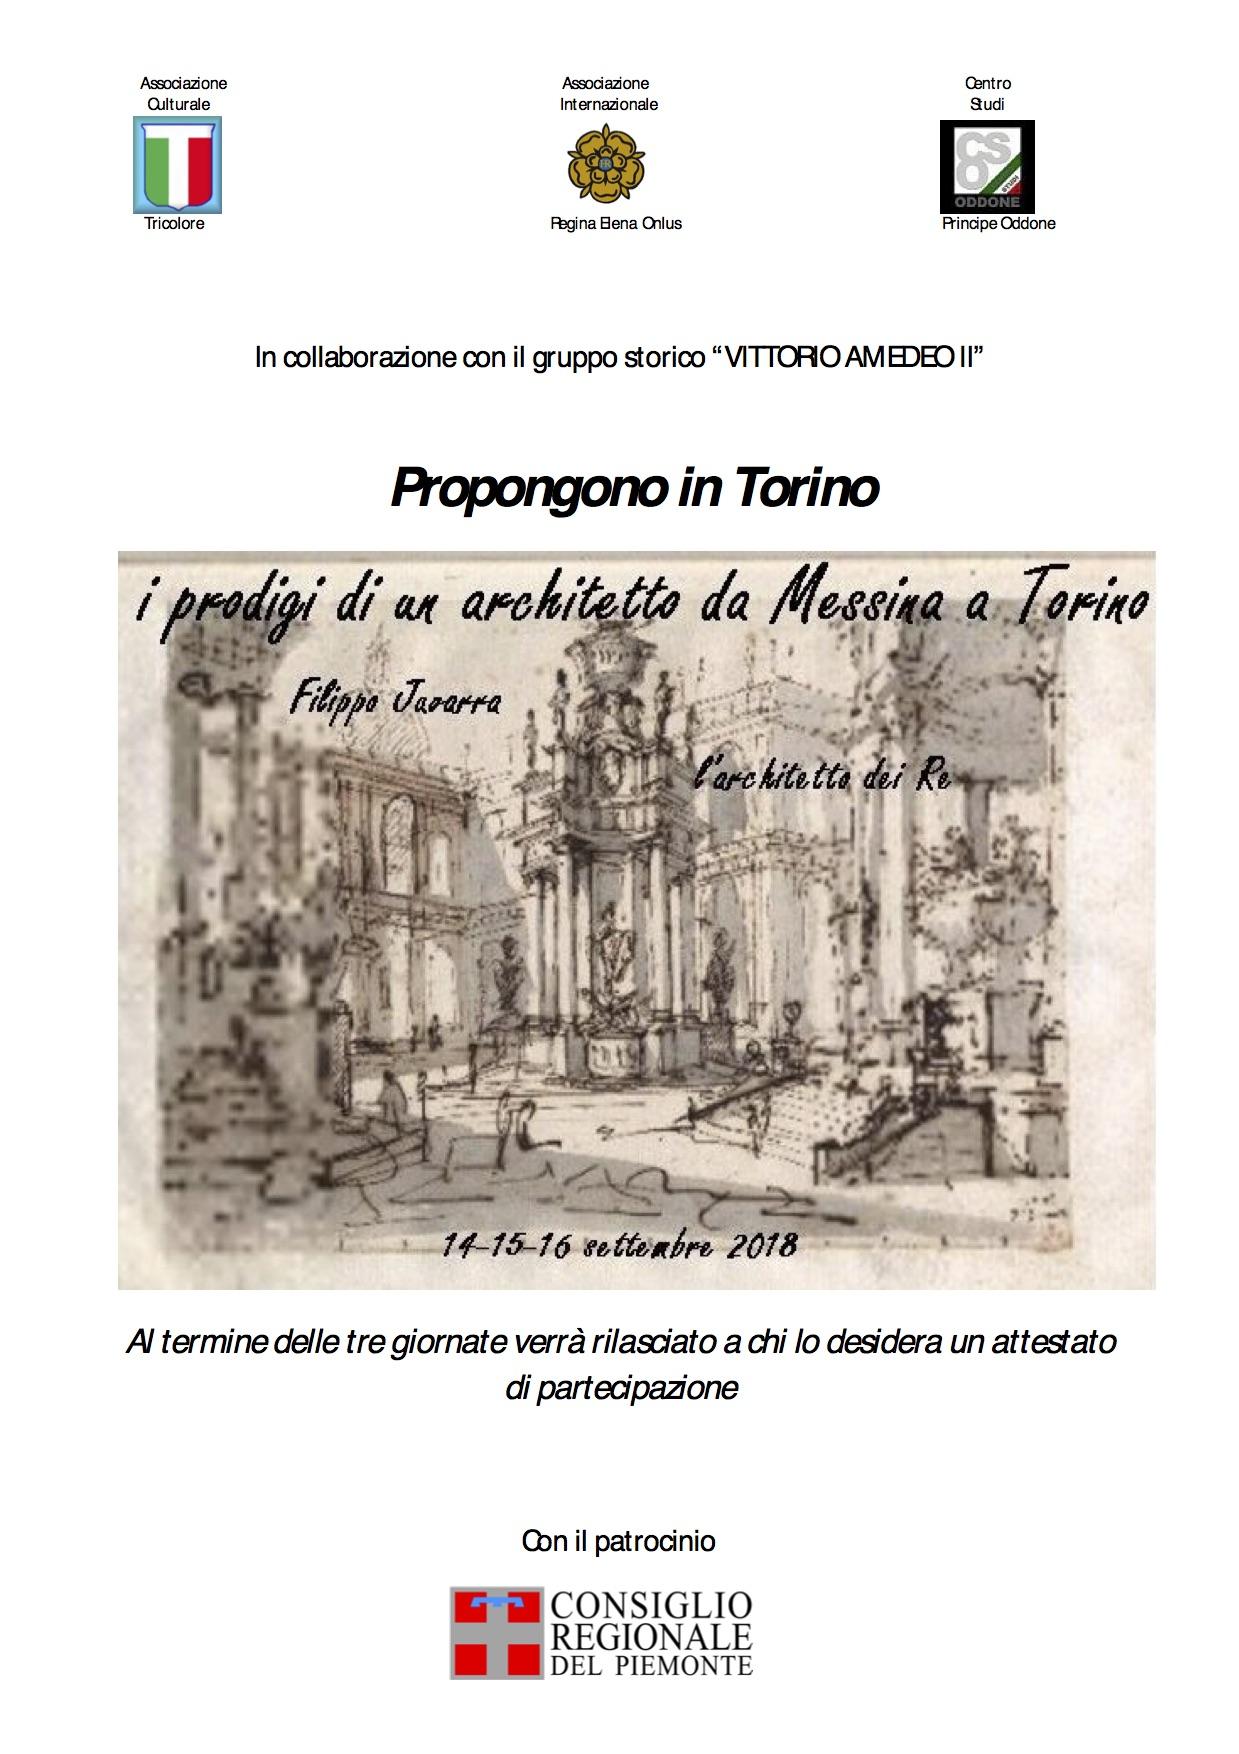 invito-torino-14-16-09-2018